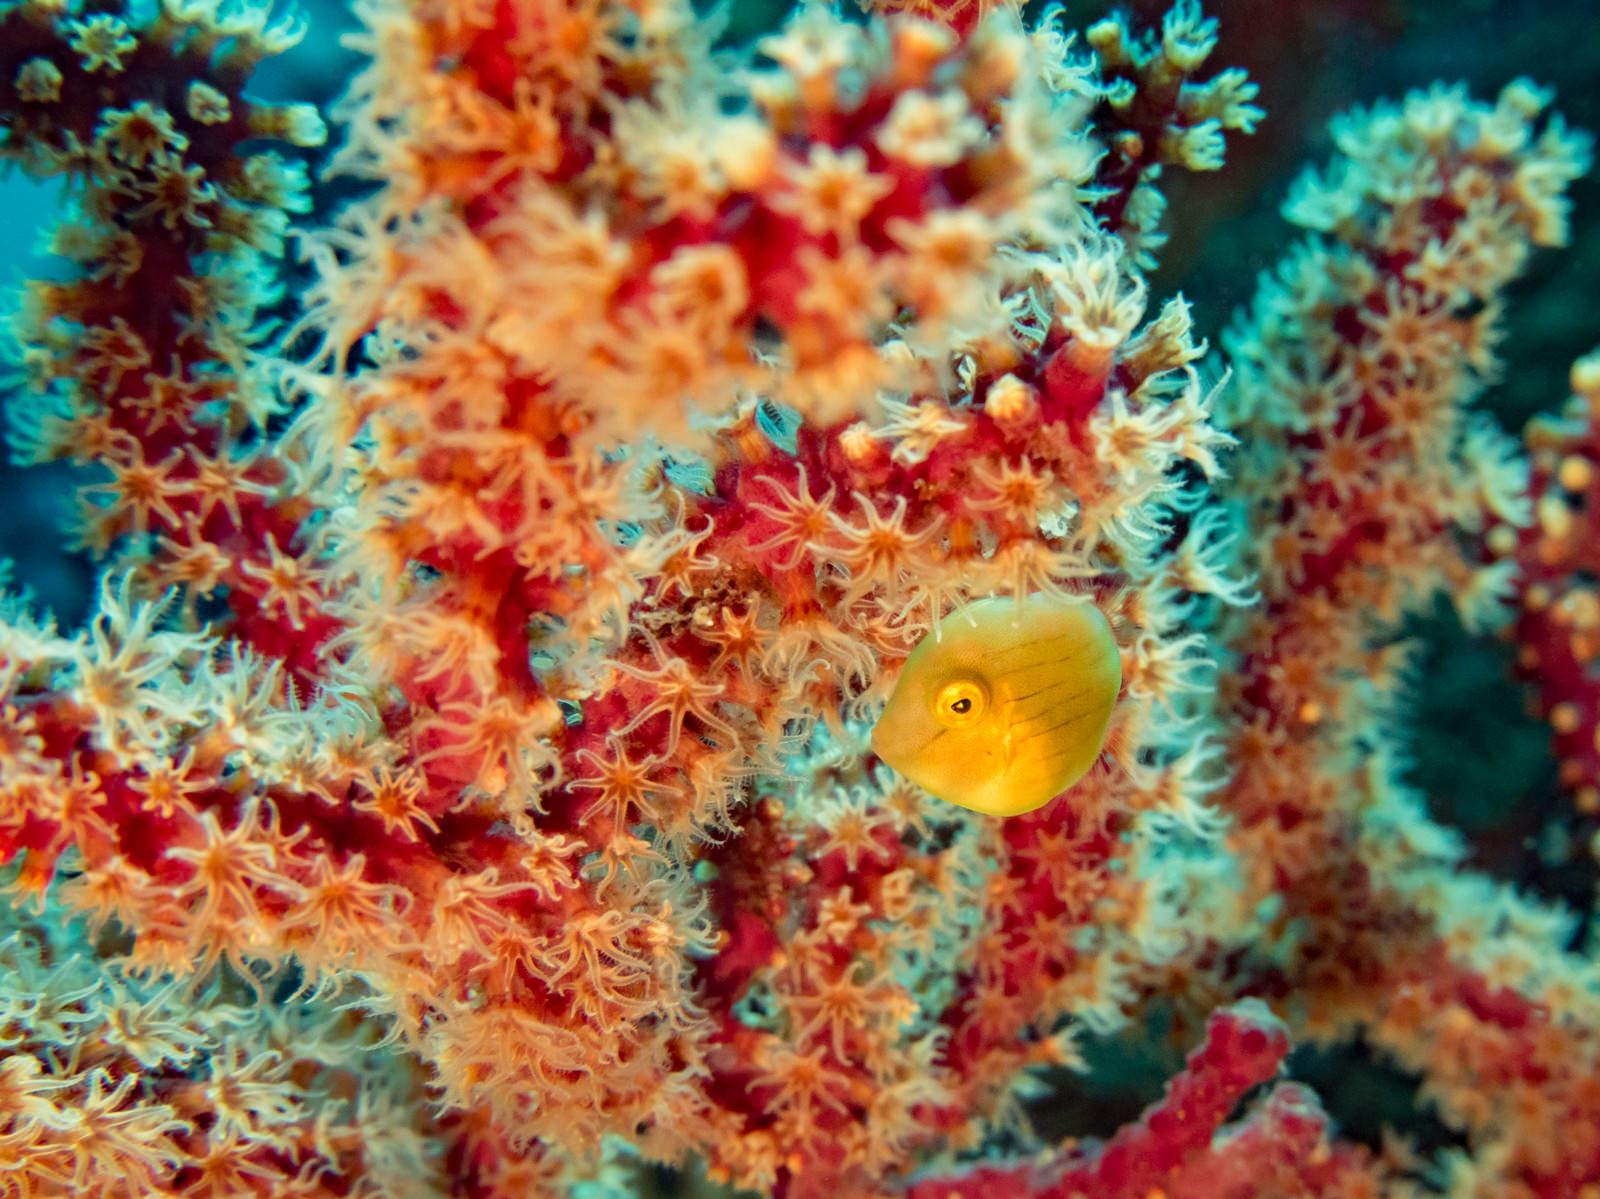 「アオサハギとサンゴ礁アオサハギとサンゴ礁」のフリー写真素材を拡大